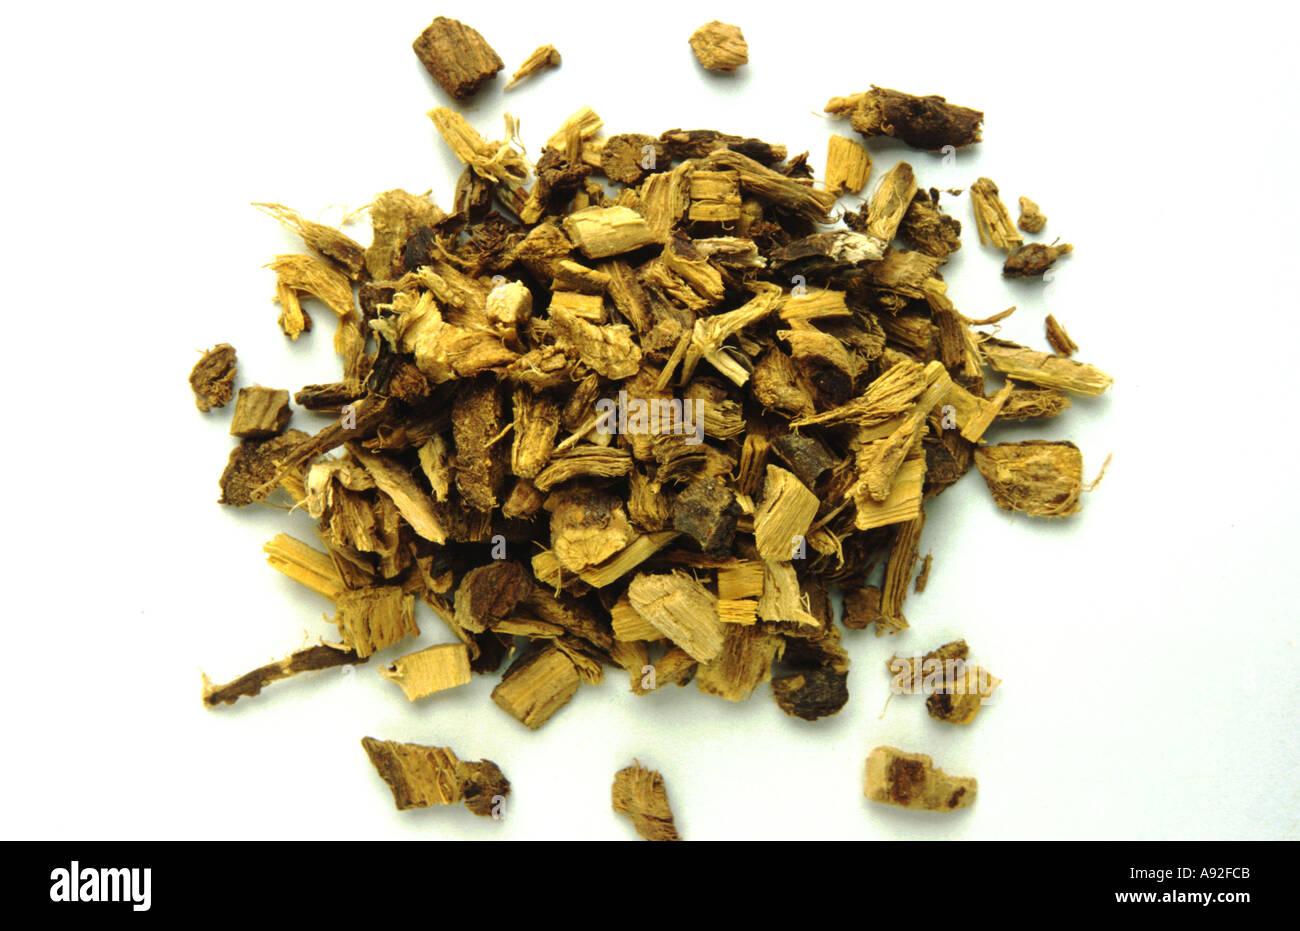 Medicinal plant Süßholz Lakritzwurzel Glycyrrhiza glabra Liquorice root Suessholz - Stock Image